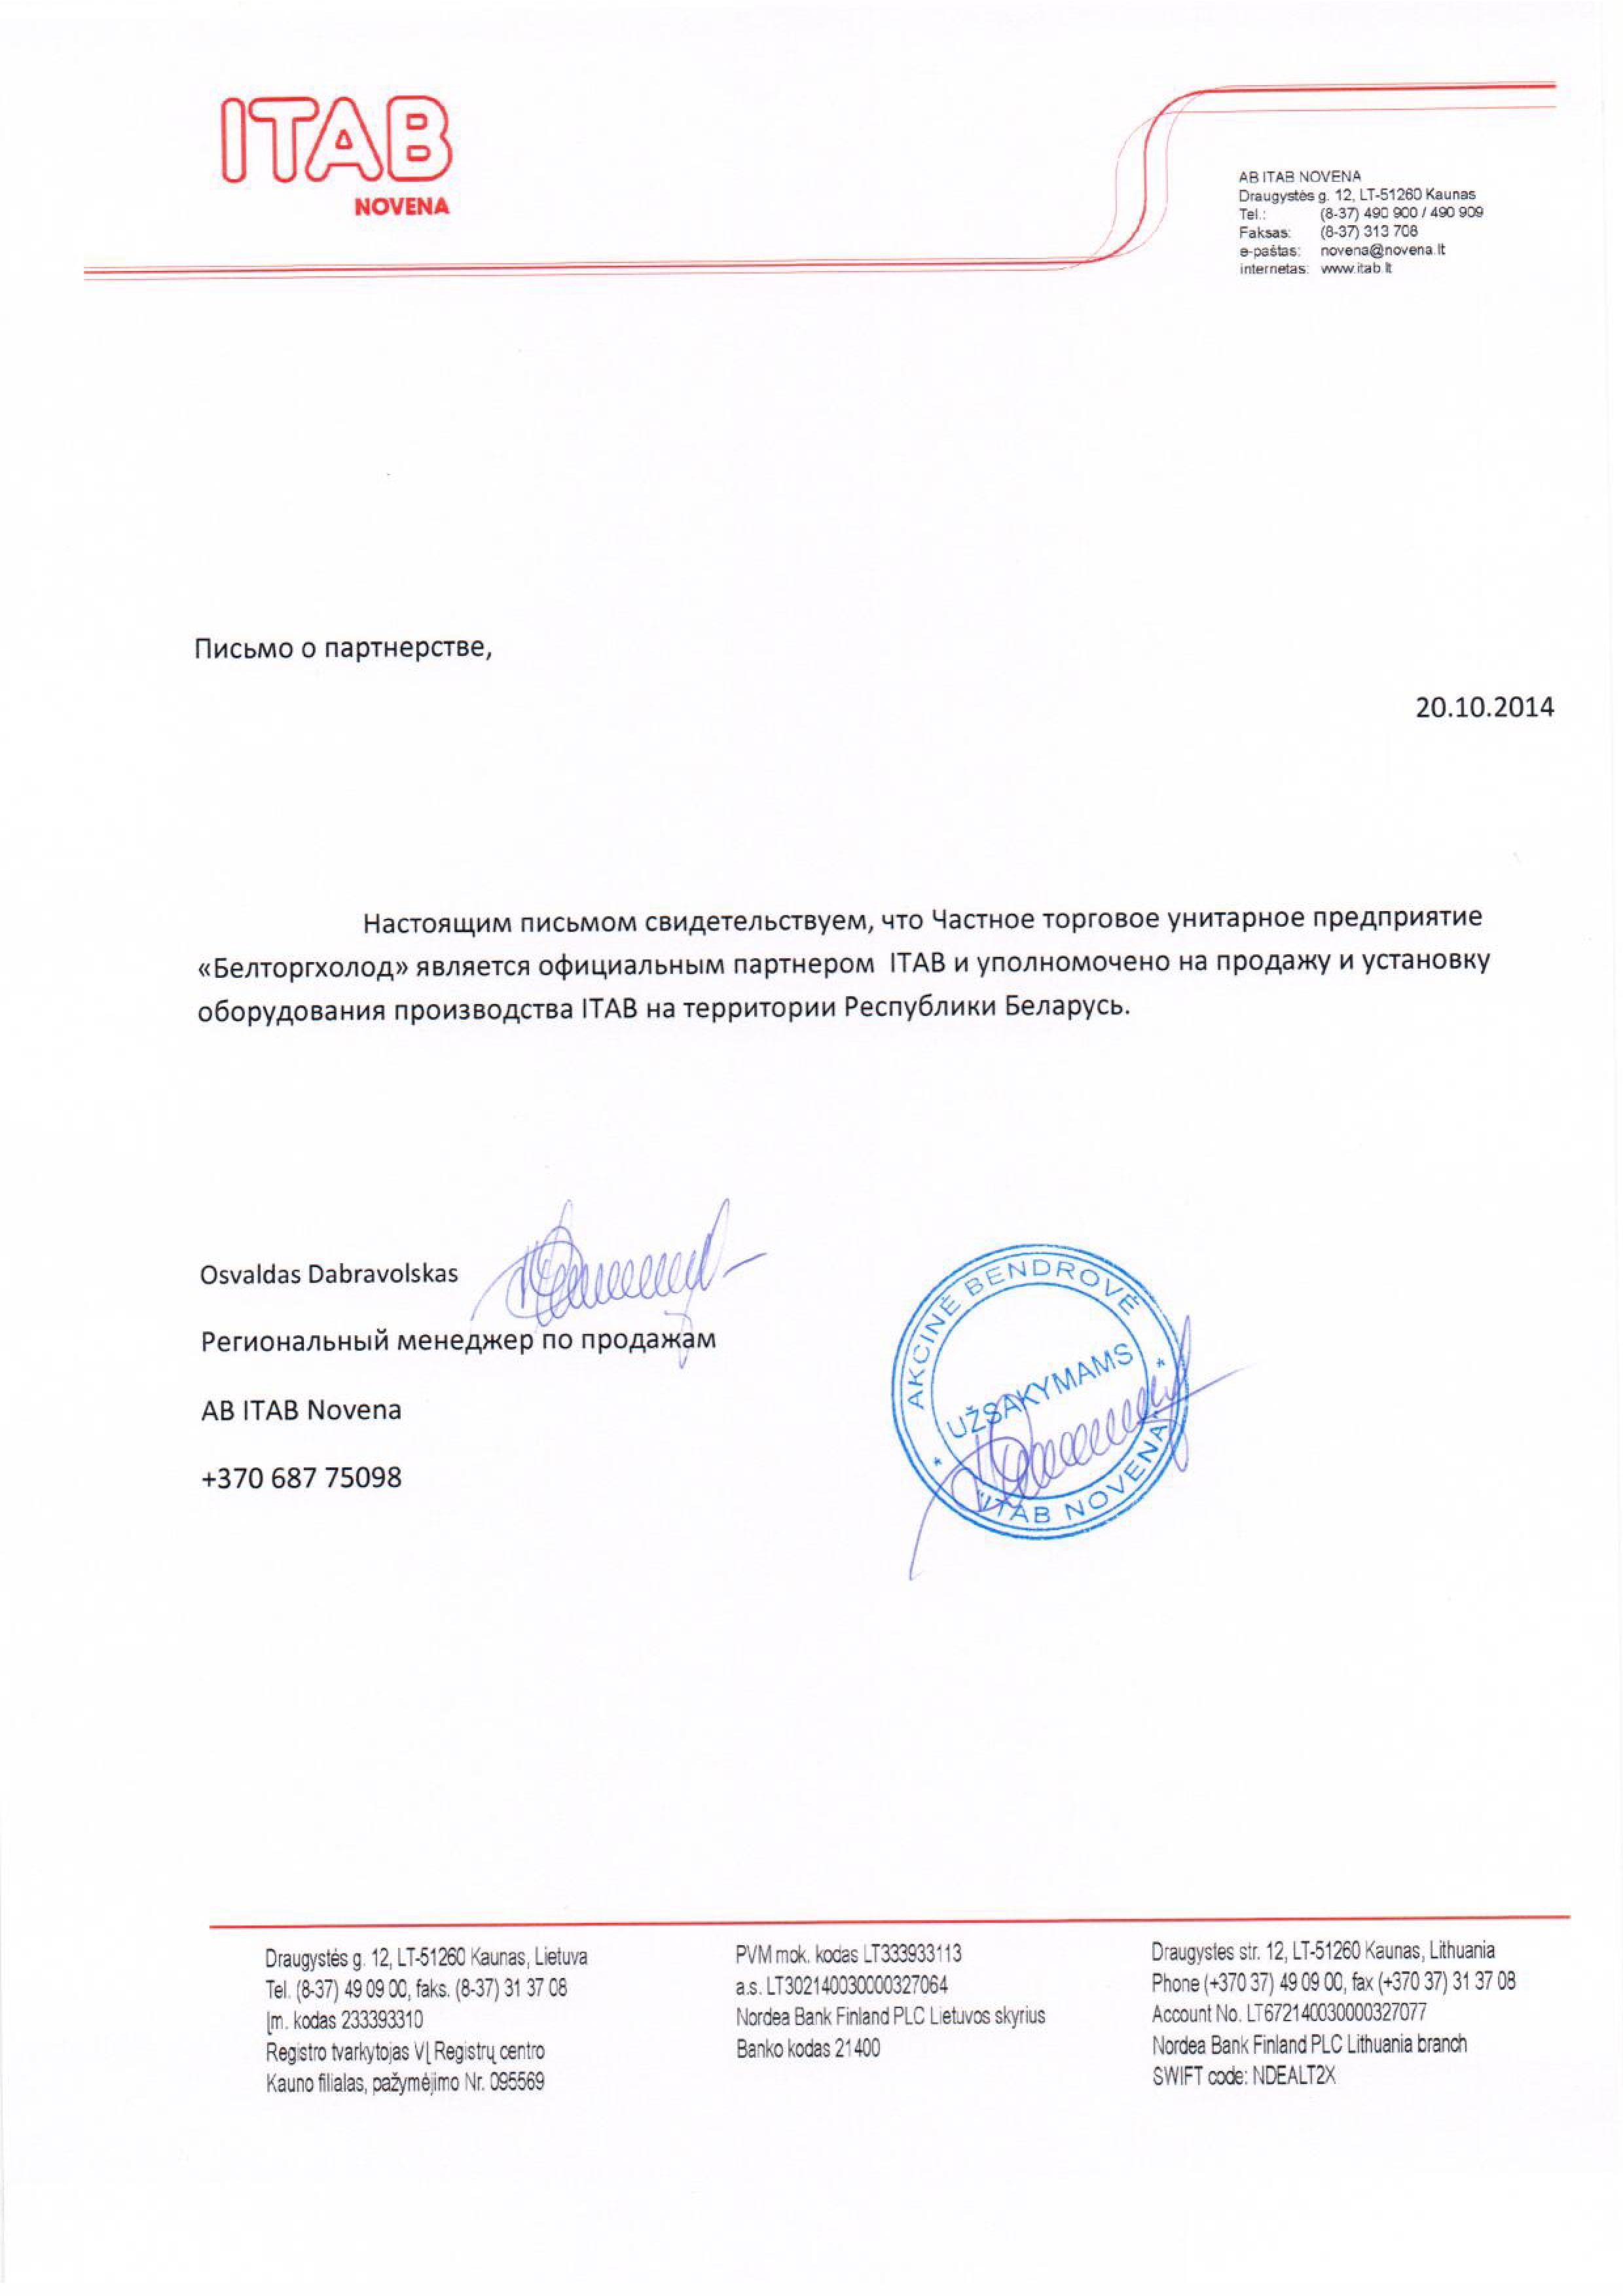 Письмо о партнерстве ITAB